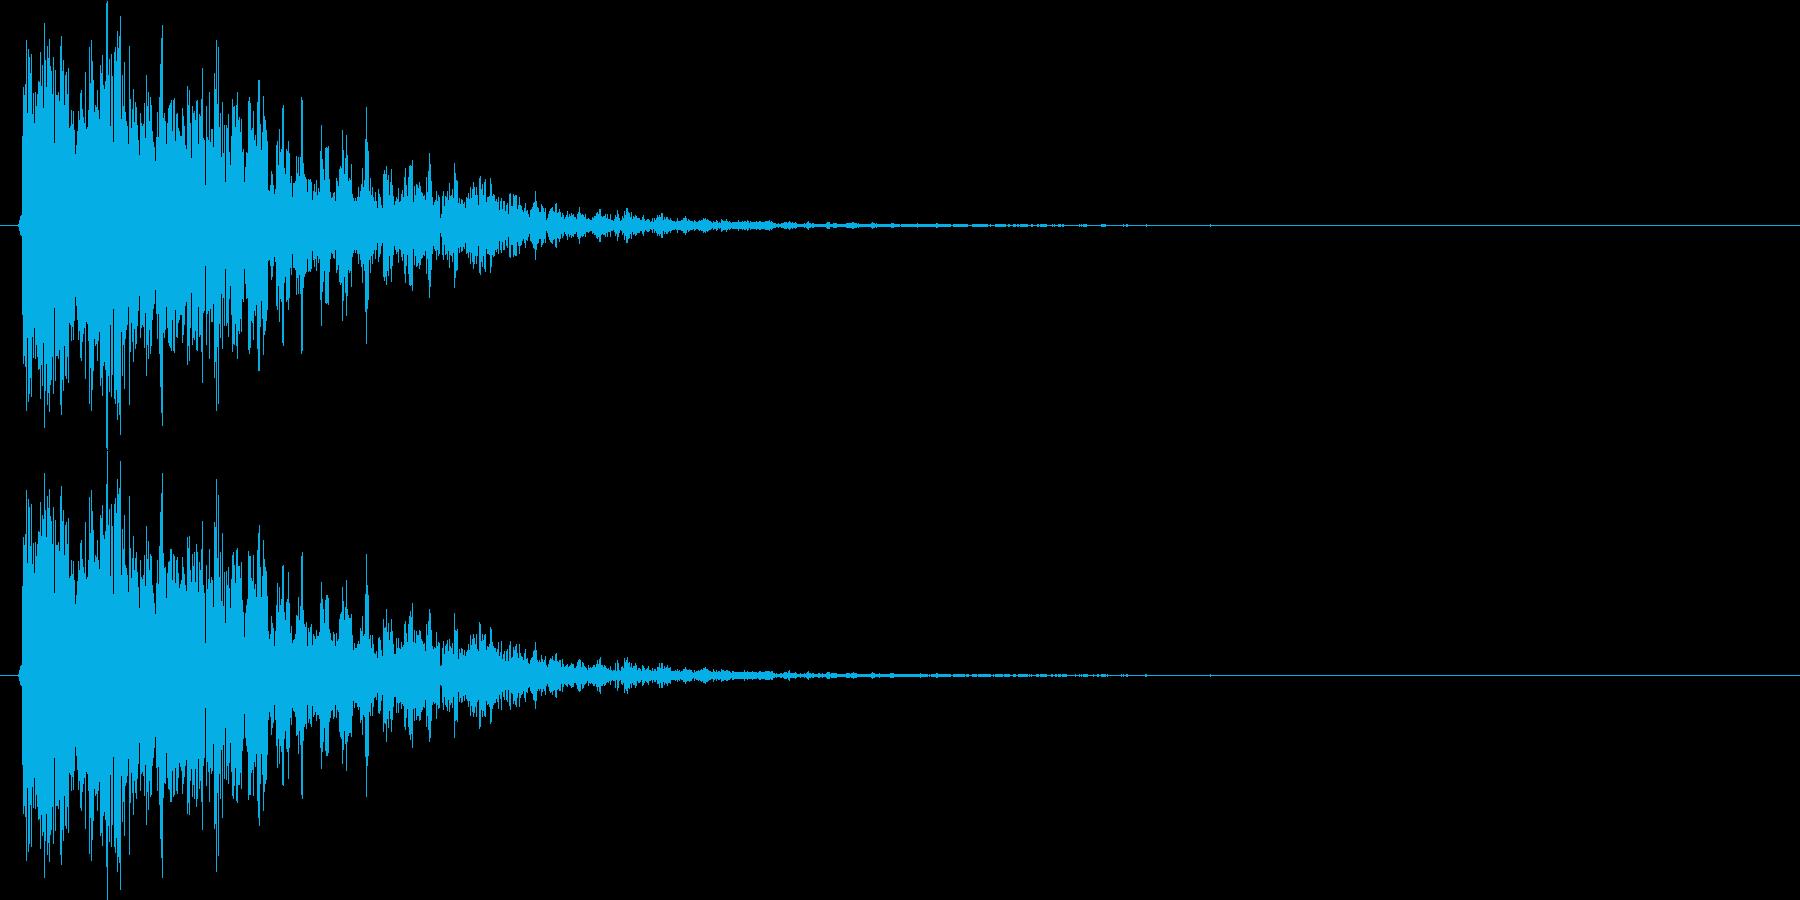 ドピューン(レーザーガン発射音)Bの再生済みの波形